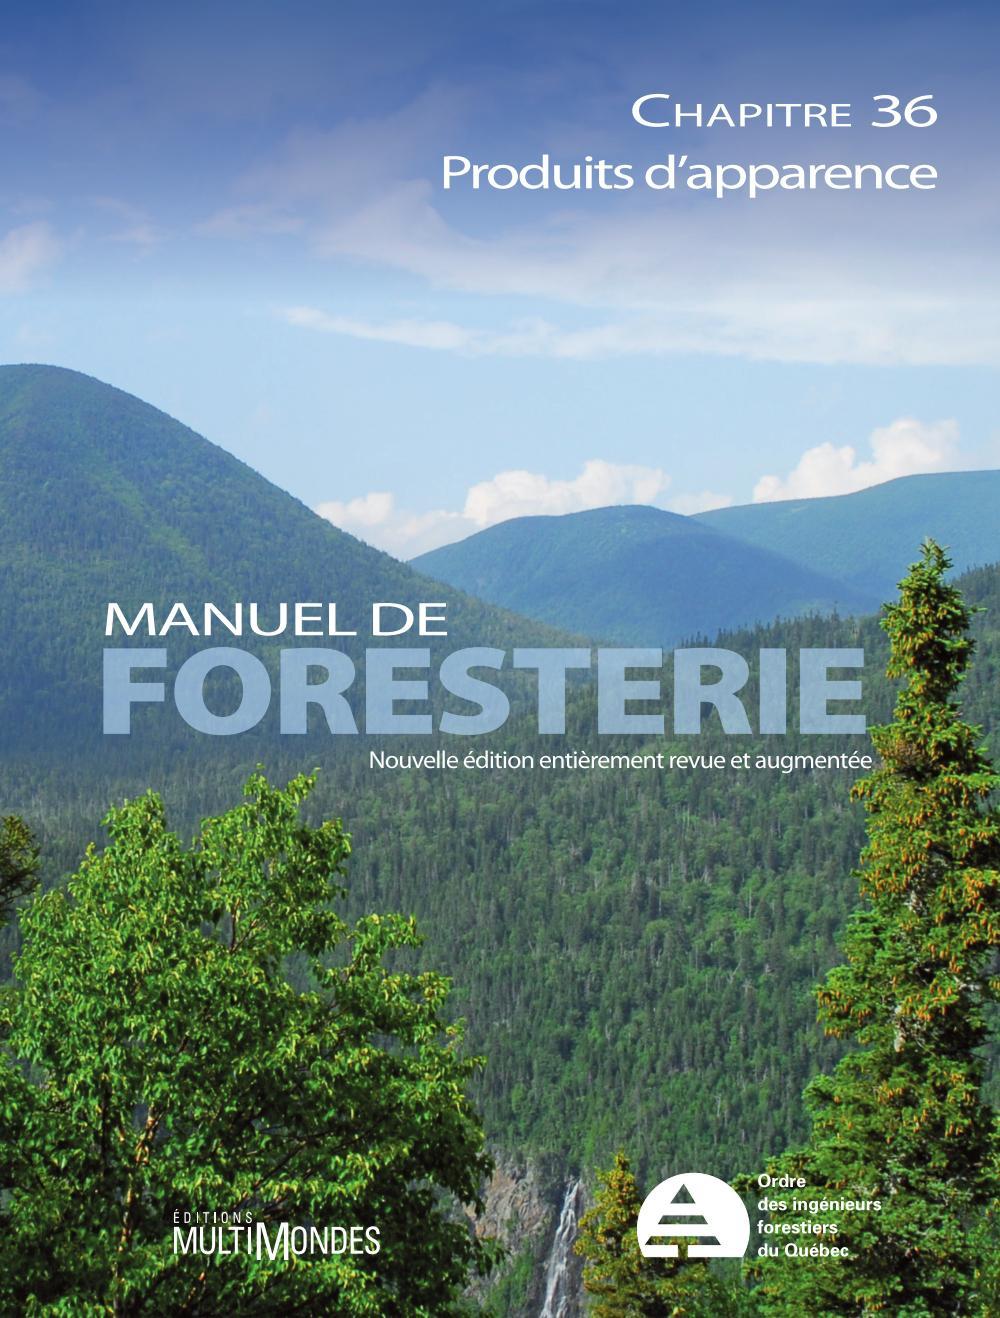 Manuel de foresterie, chapitre 36 – Produits d'apparence